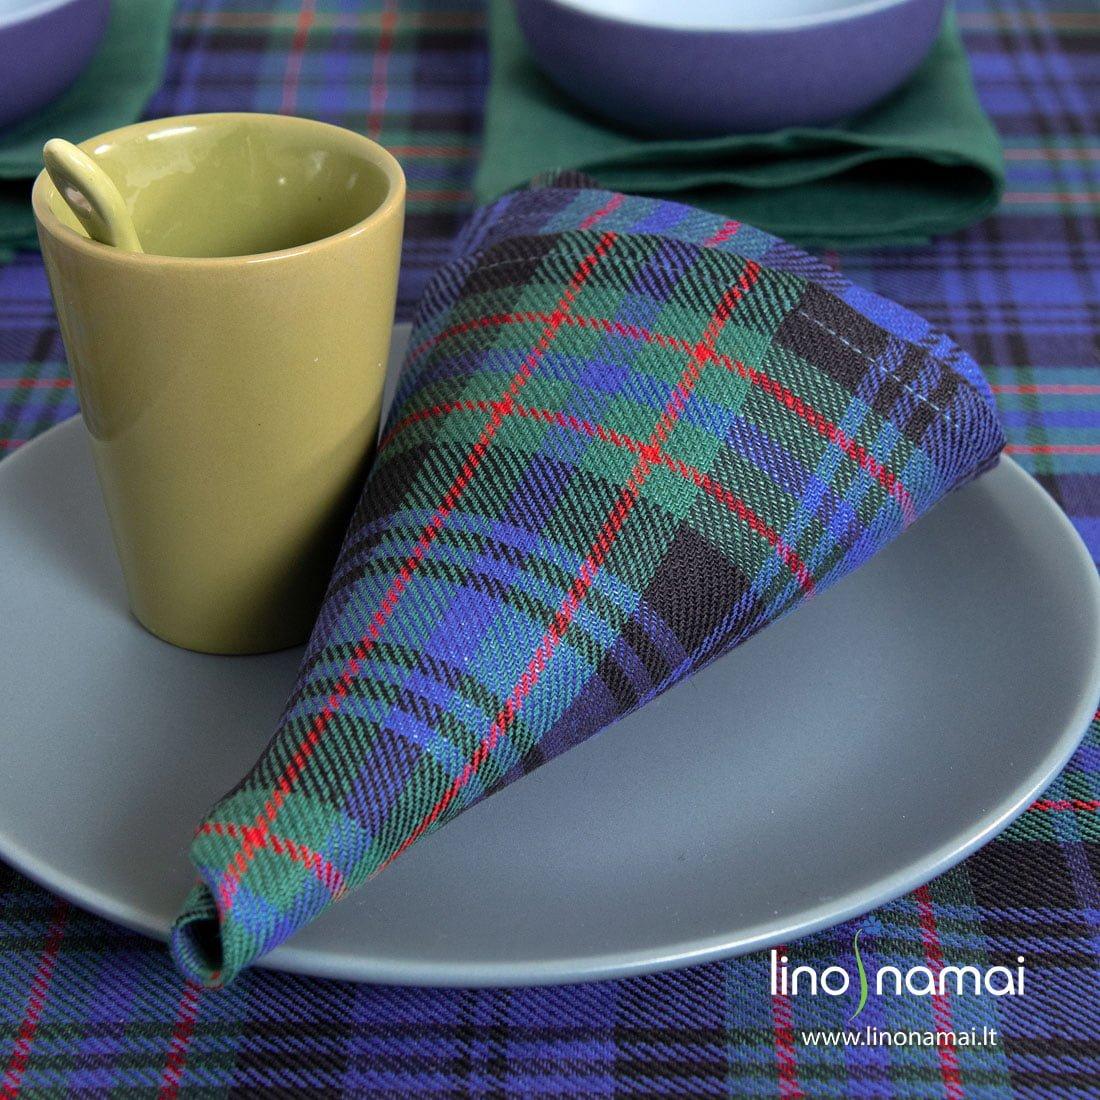 Puslininė servetėlė mėlynais, žaliais langeliais